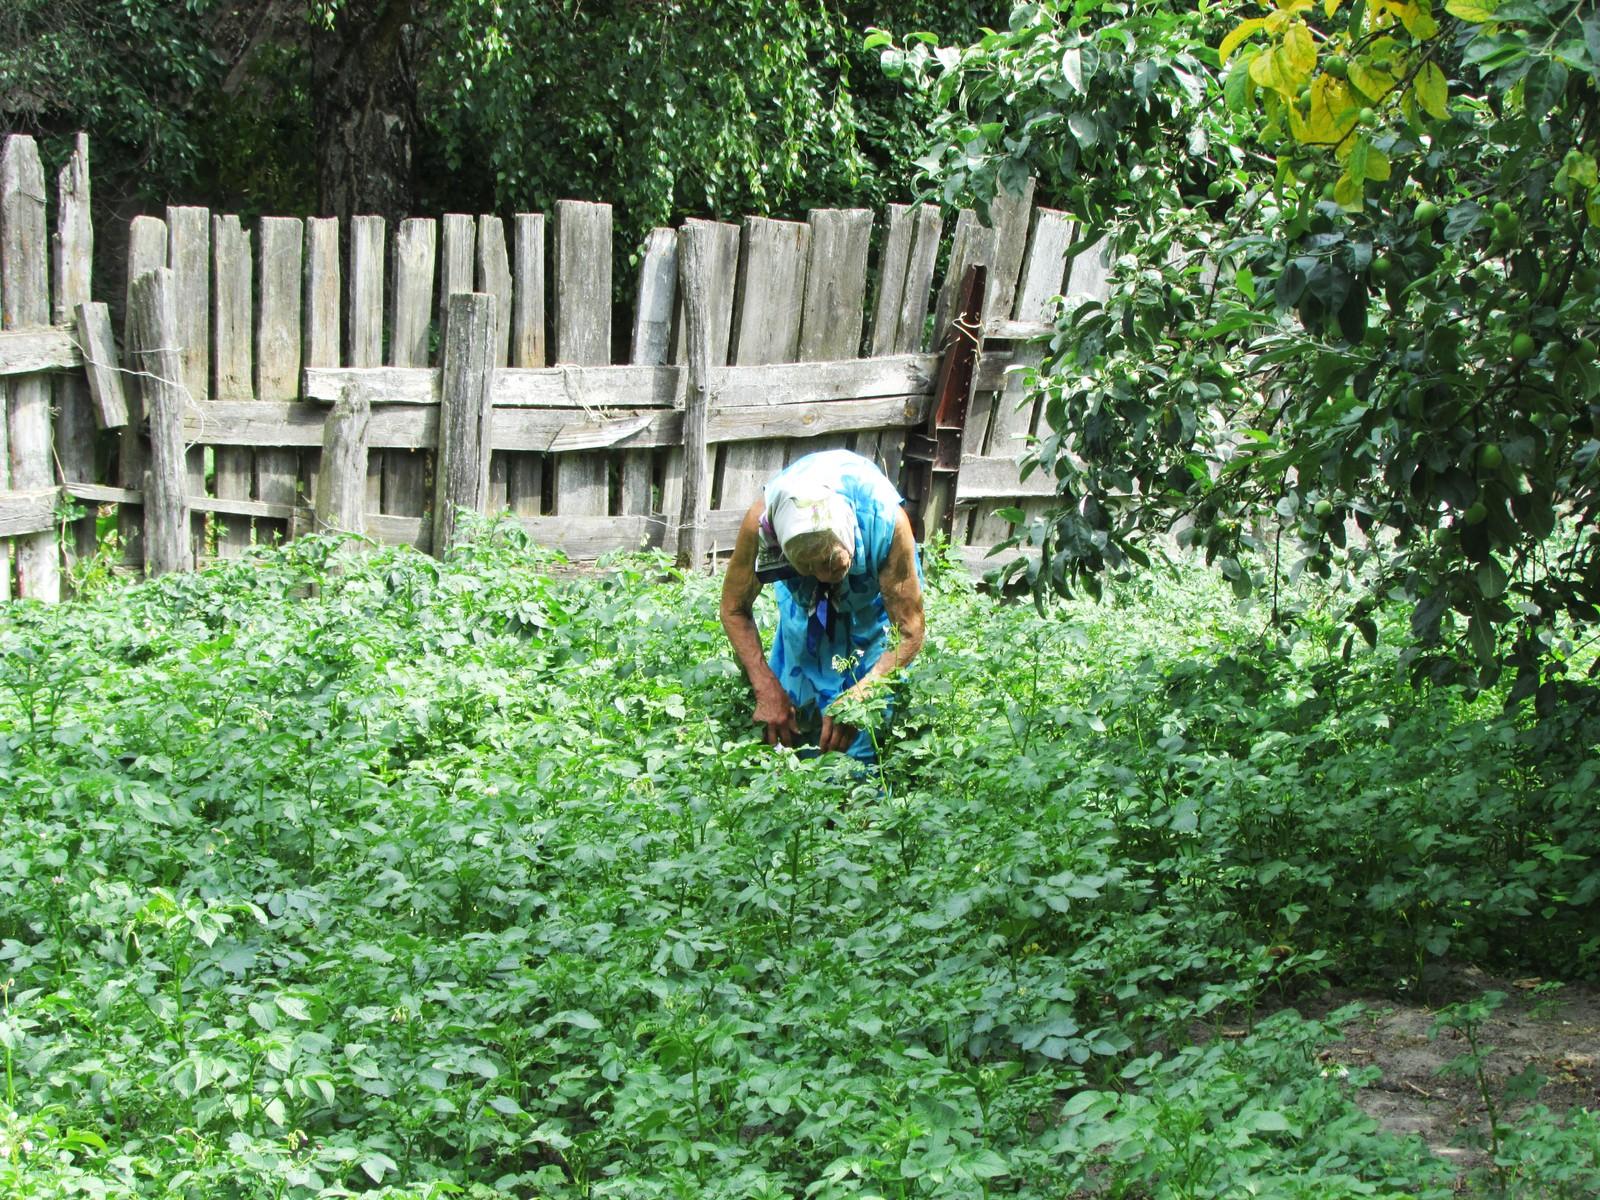 Rosalie brukte ikke sprøytemidler, og tilbrakte derfor mye tid med å luke i åkeren sin. Som tidligere sommere, var hun også sin siste sommer aktiv med å holde ugress og insekter borte fra plantene.